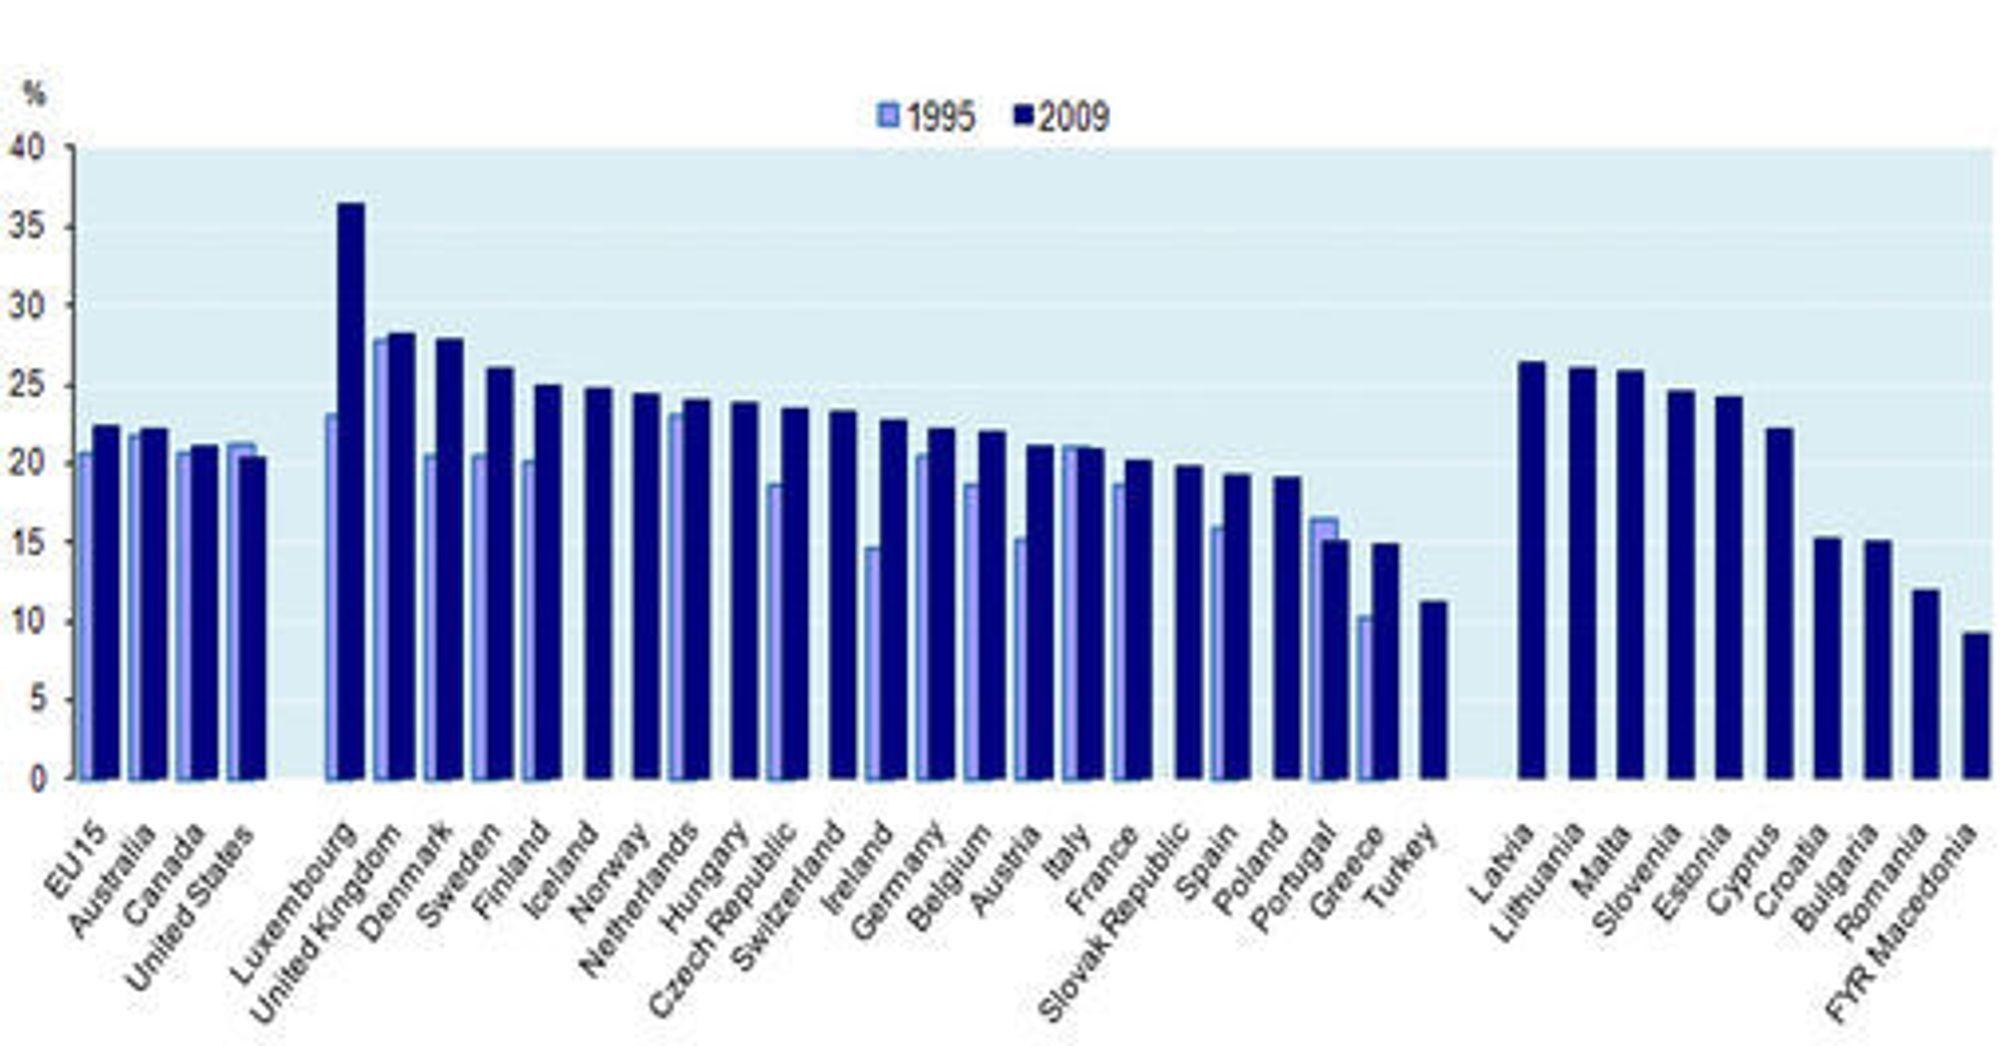 Andelen yrkesaktive med intens bruk av IT-verktøy og -tjenester i jobben i utvalgte land i 1995 og 2009. Norge og Norden hever seg over EUs kjerneland, som igjen har høyere andel enn USA.